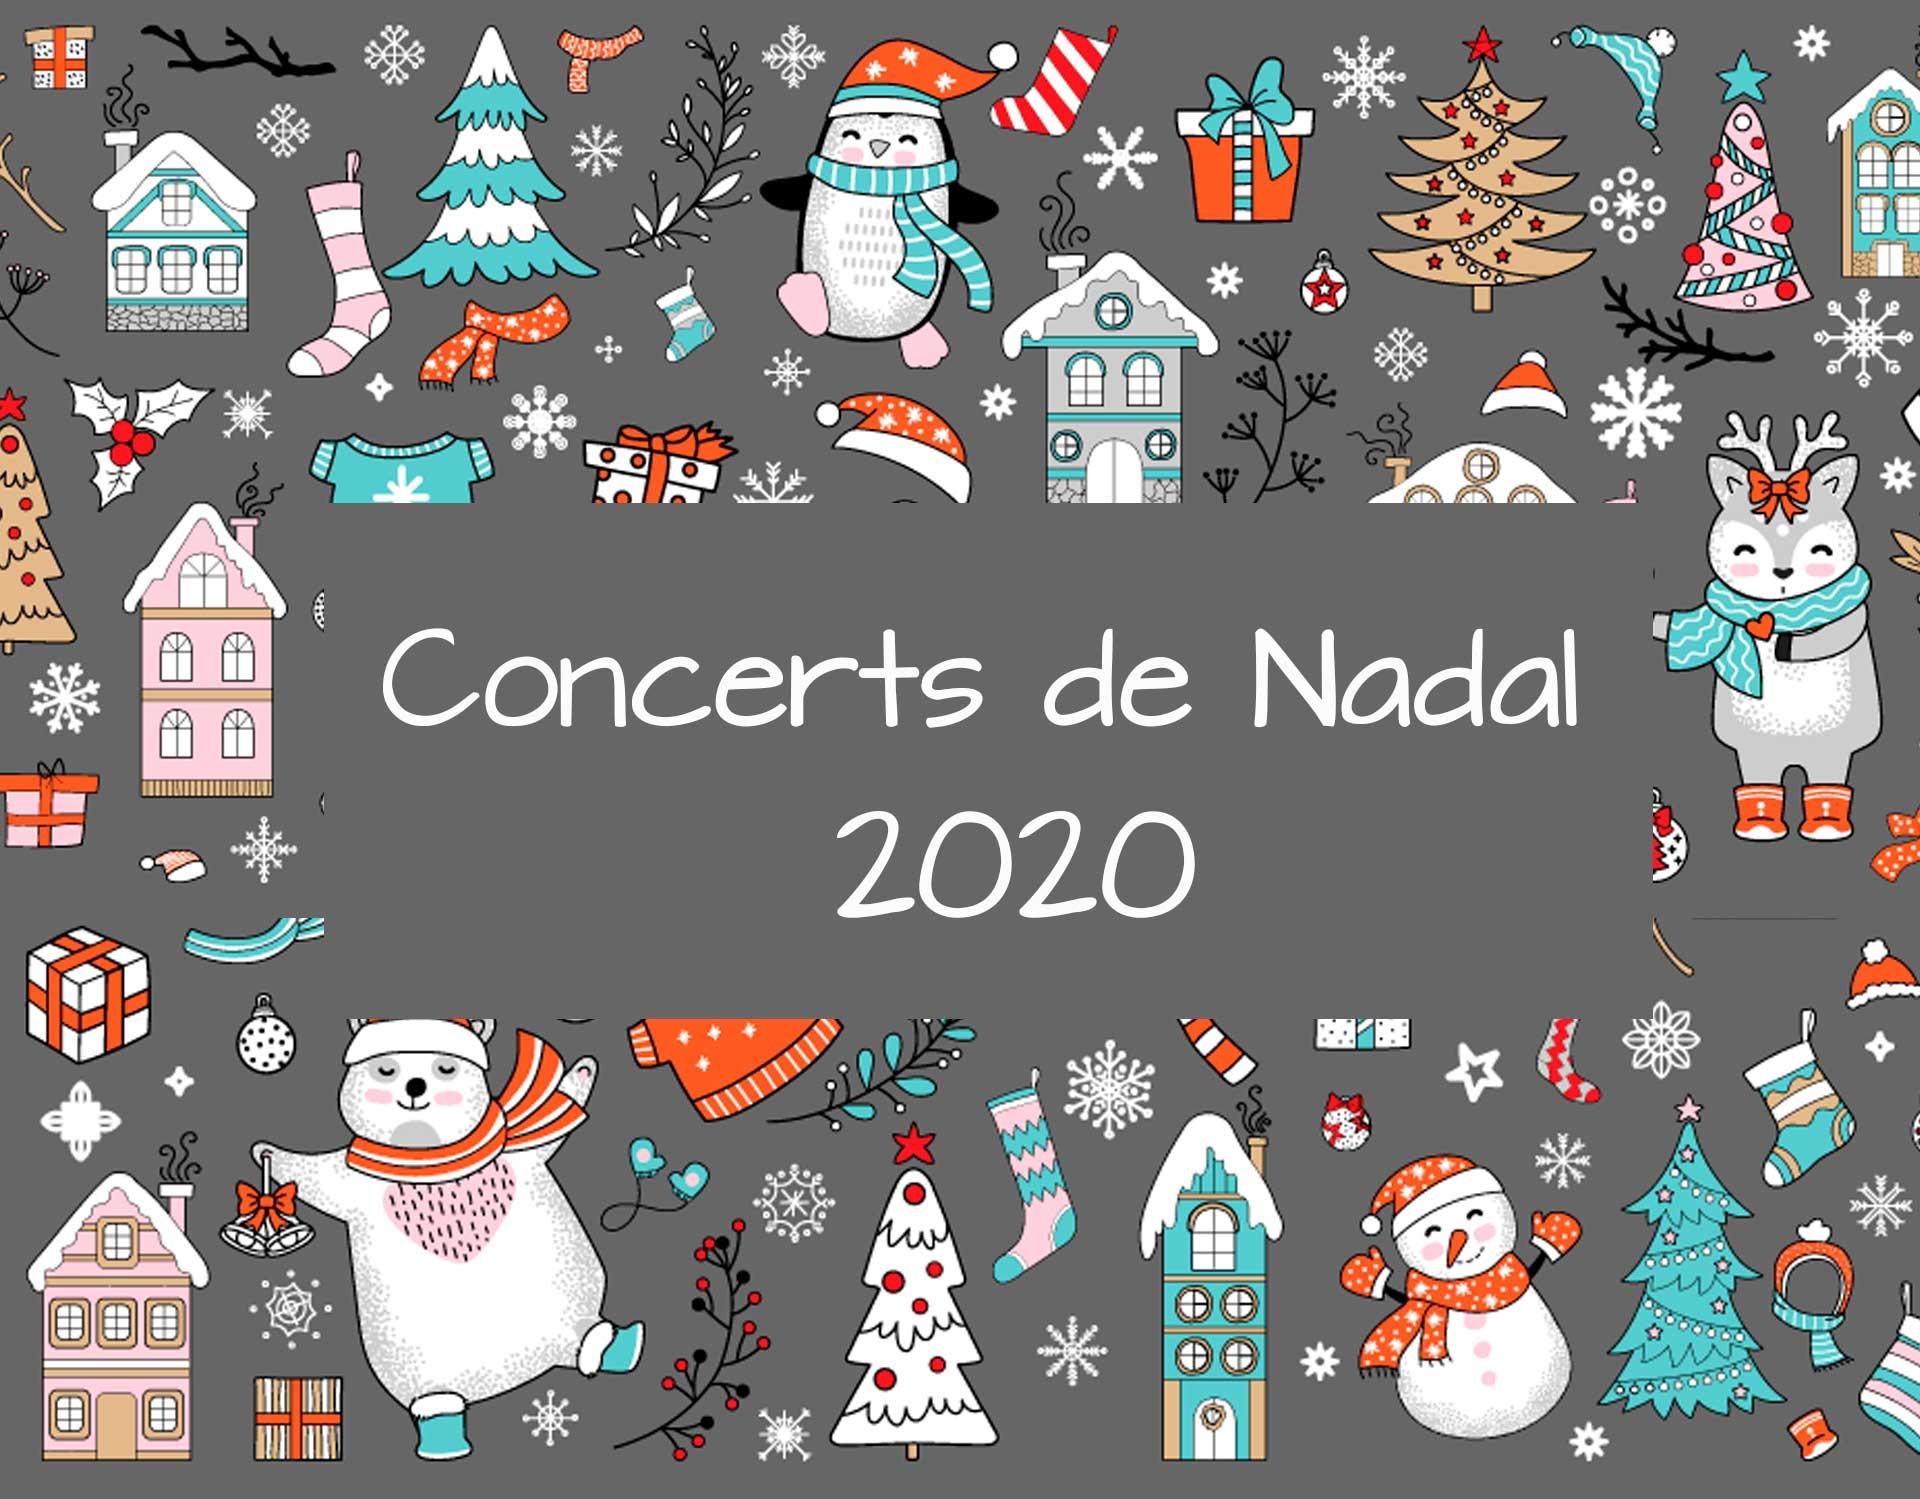 fons-pagines-concerts-nadal-2020-regina-carmeli-horta